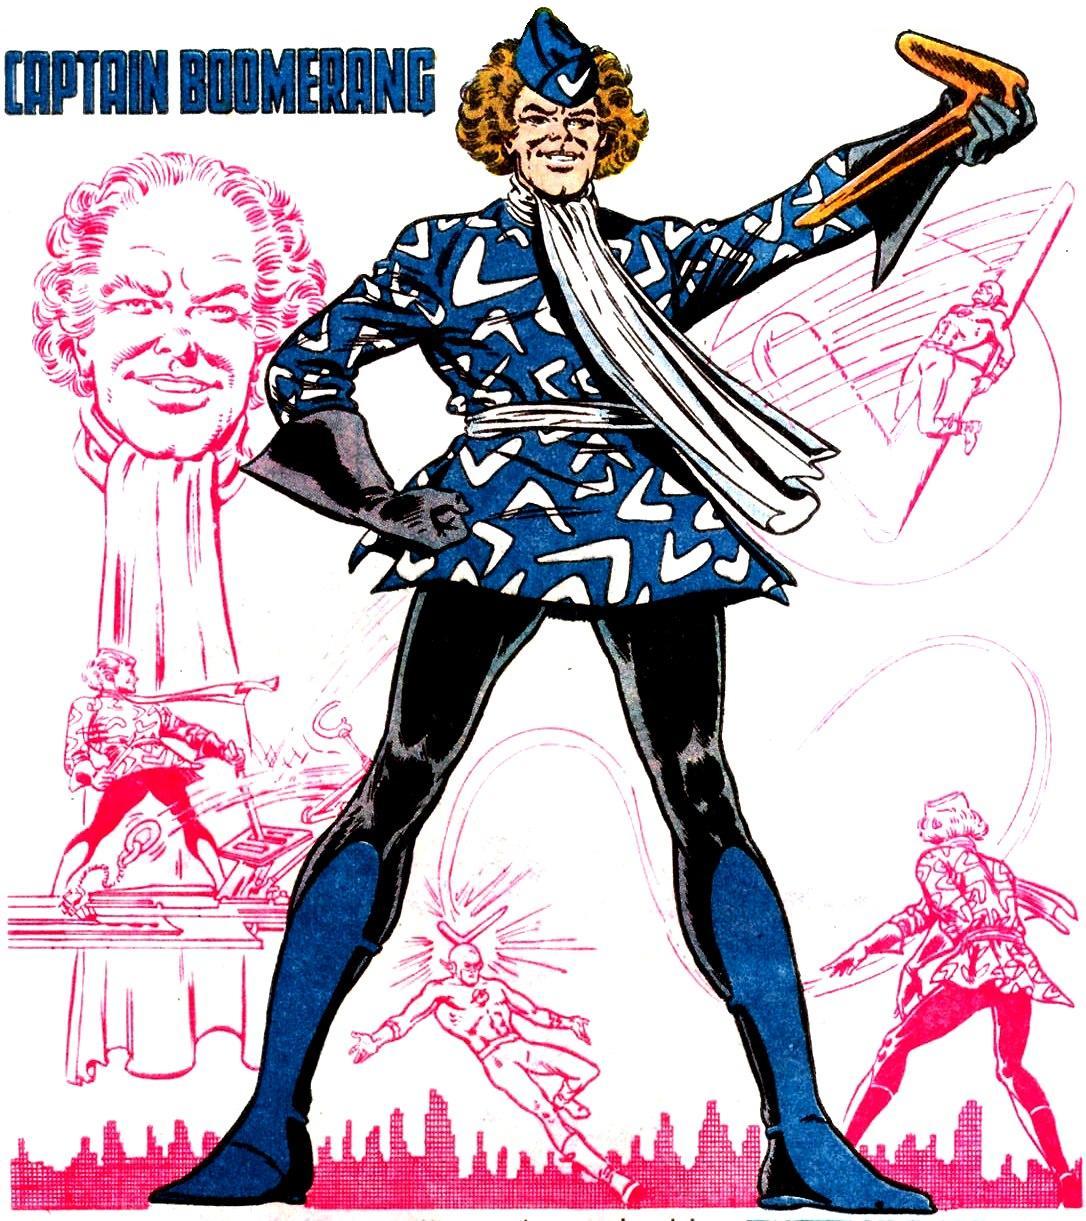 Captain boomerang clipart vector free stock Free Captain Boomerang Cliparts, Download Free Clip Art, Free Clip ... vector free stock